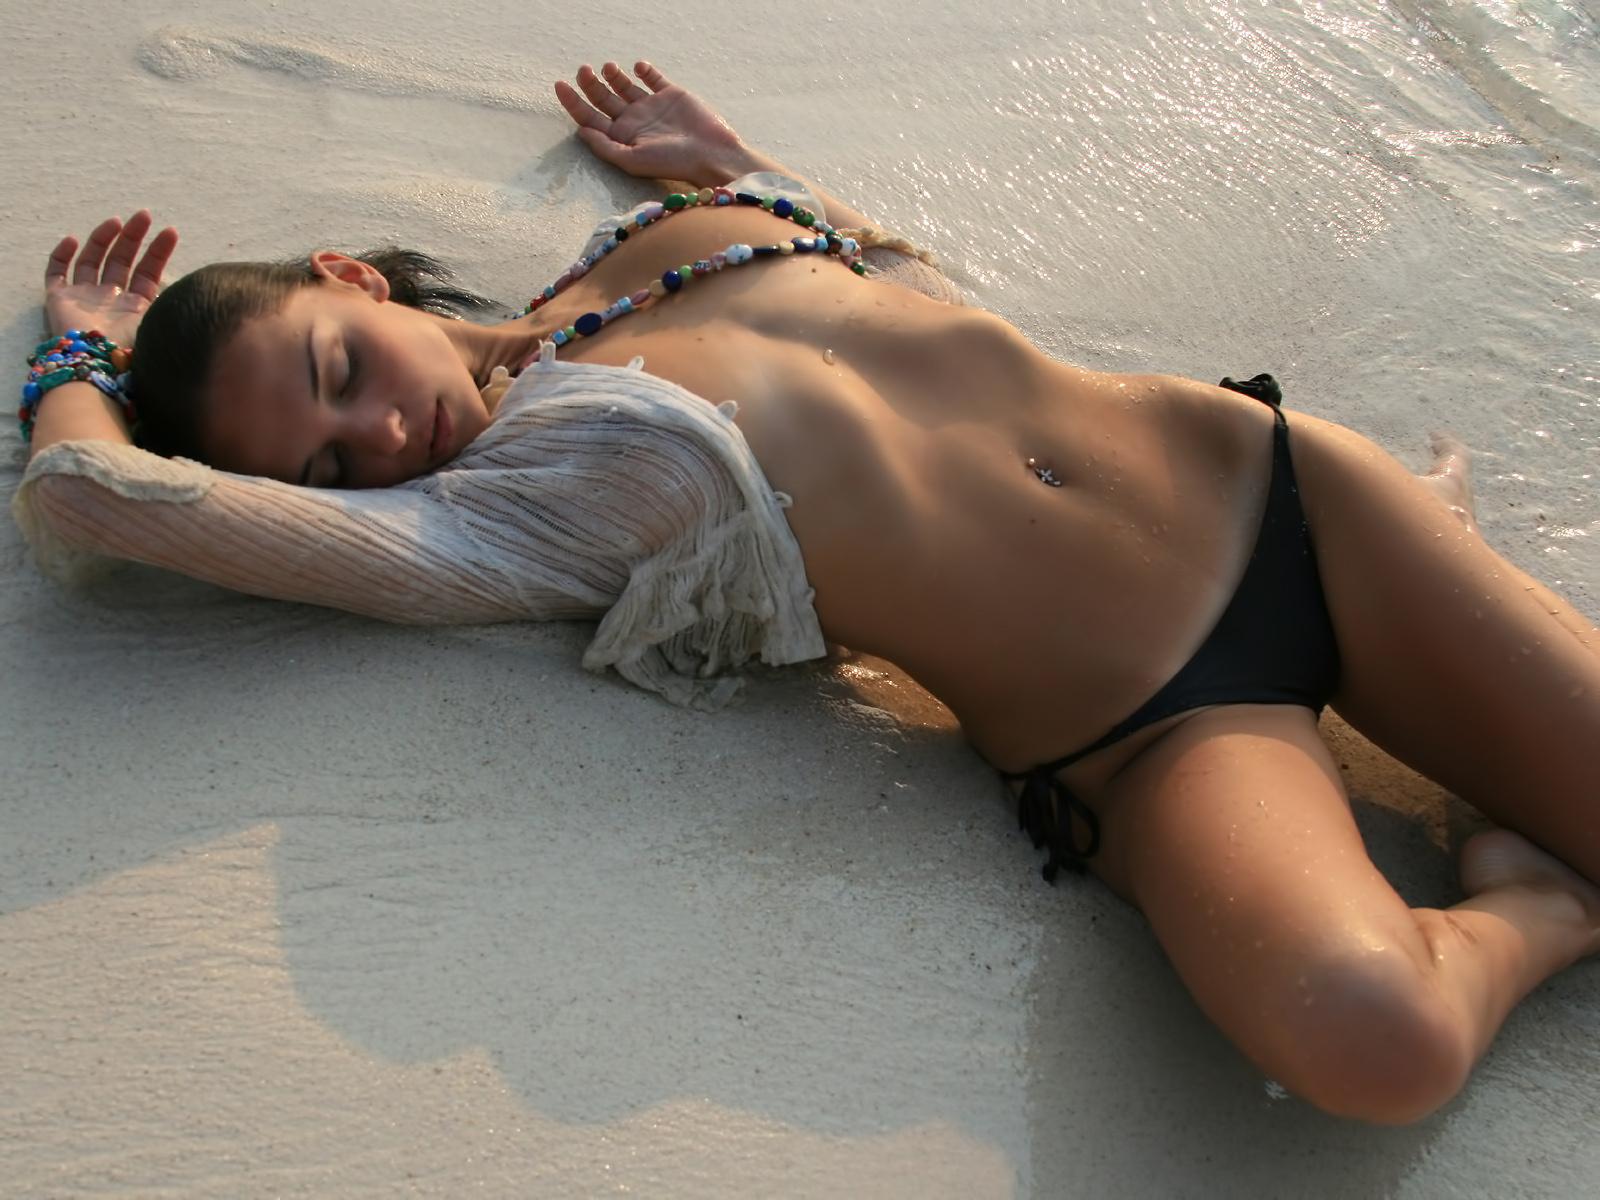 Пляже без всего фото